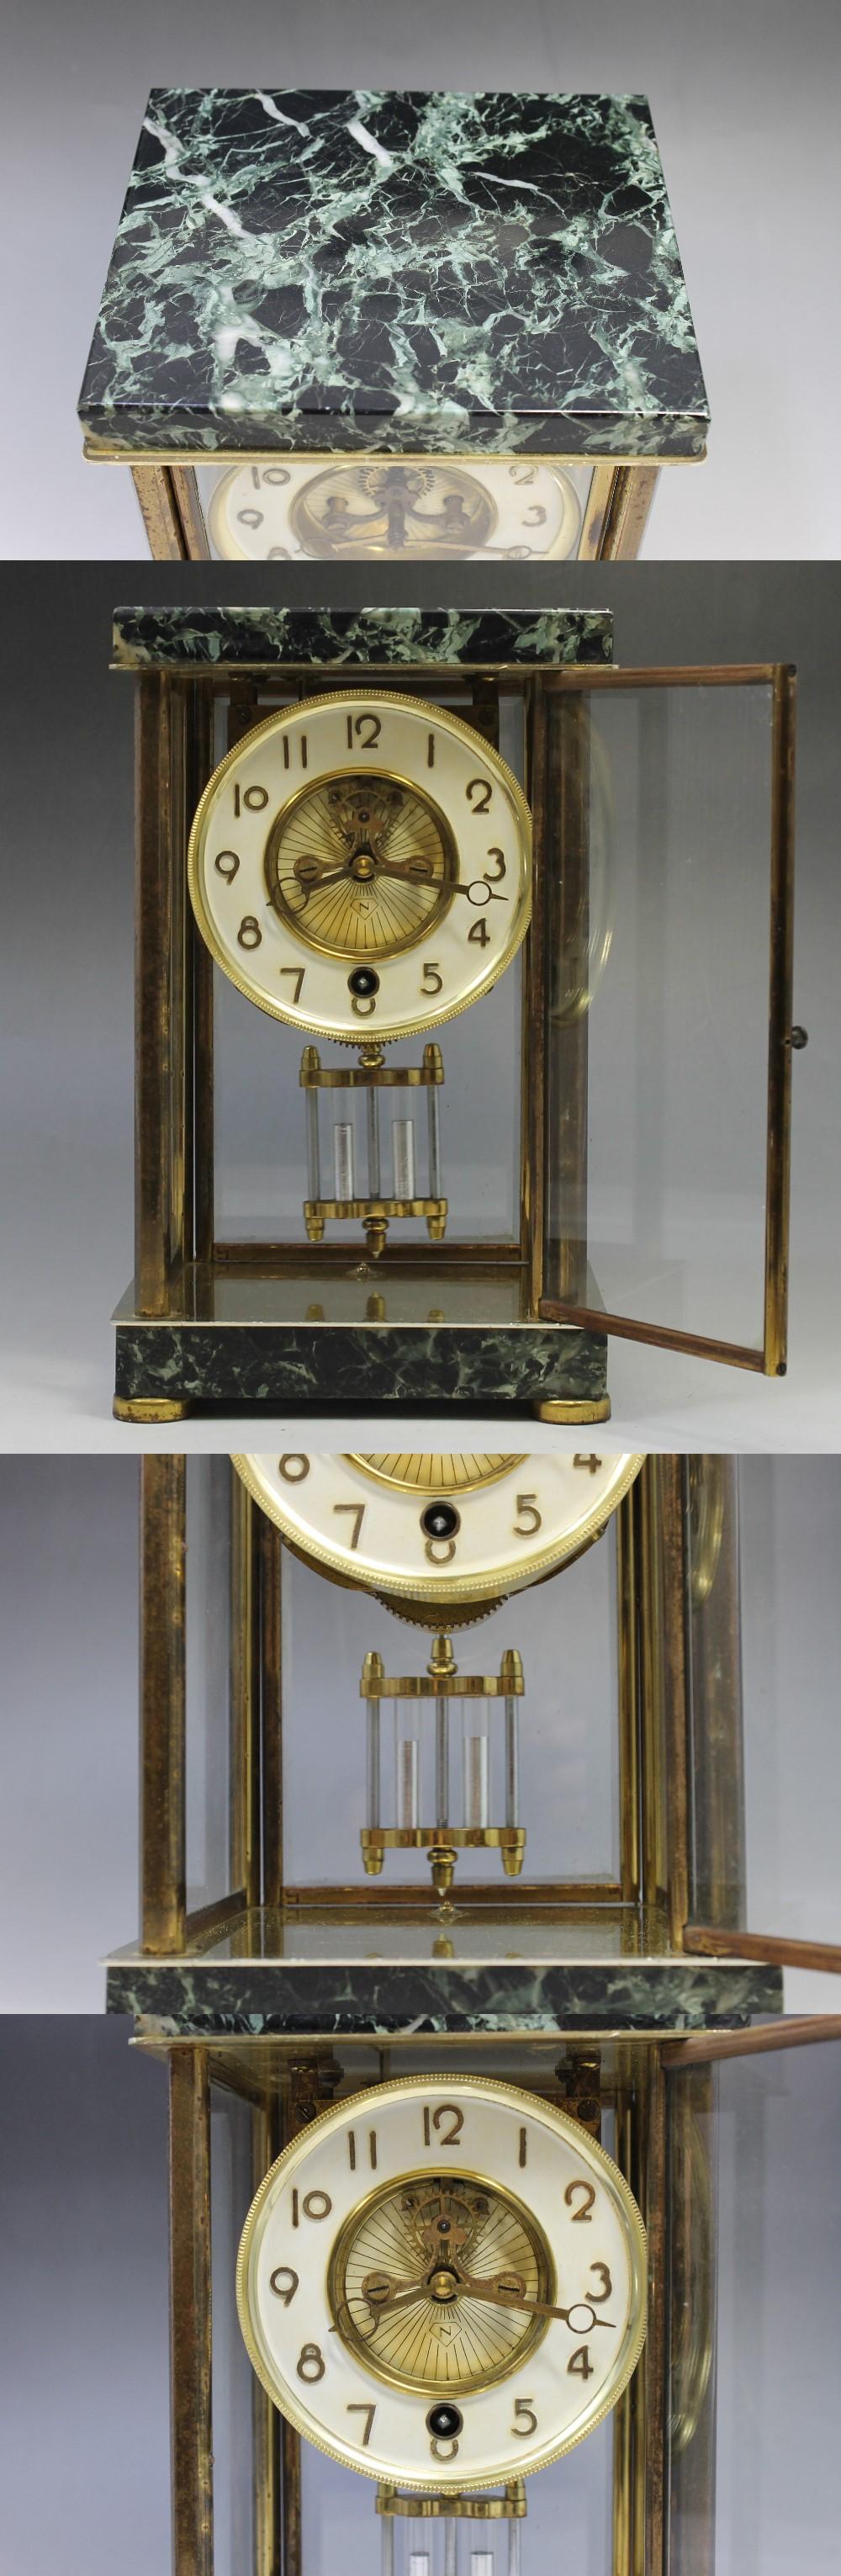 056大理石時計3